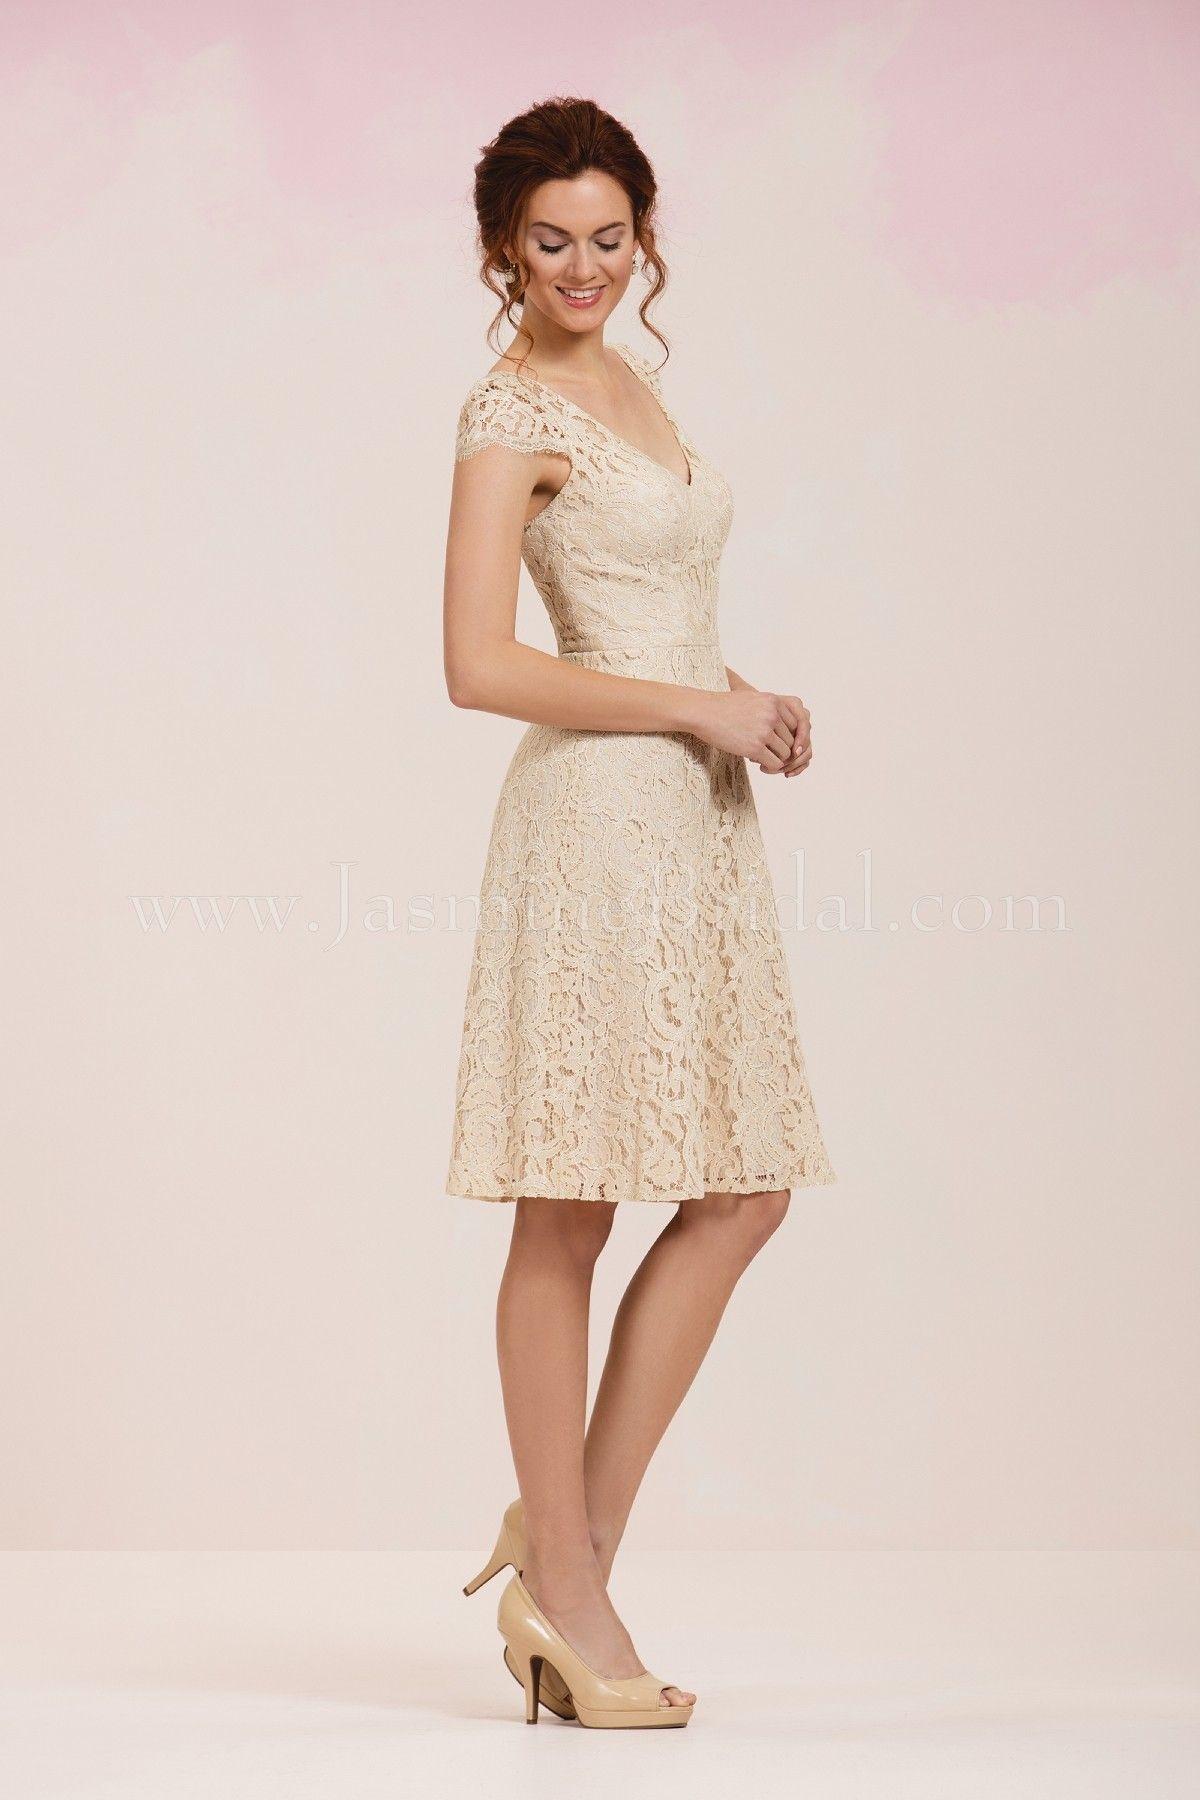 Jasmine bridal bridesmaid dress jasmine bridesmaids style p186064k jasmine bridal bridesmaid dress jasmine bridesmaids style p186064k in almond ombrellifo Images